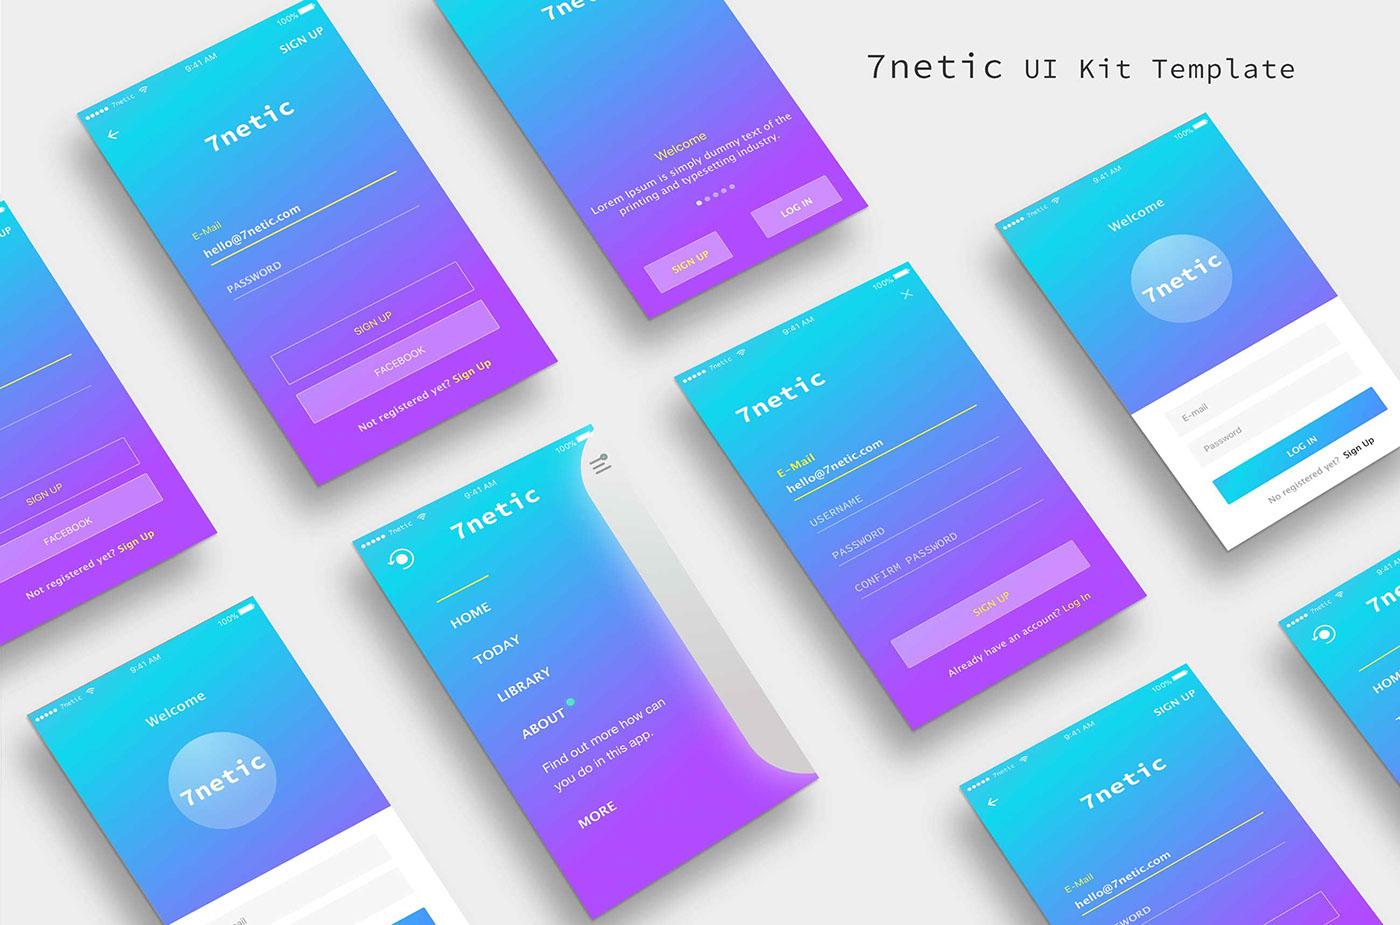 图形设计 用户界面/用户体验 Web 设计